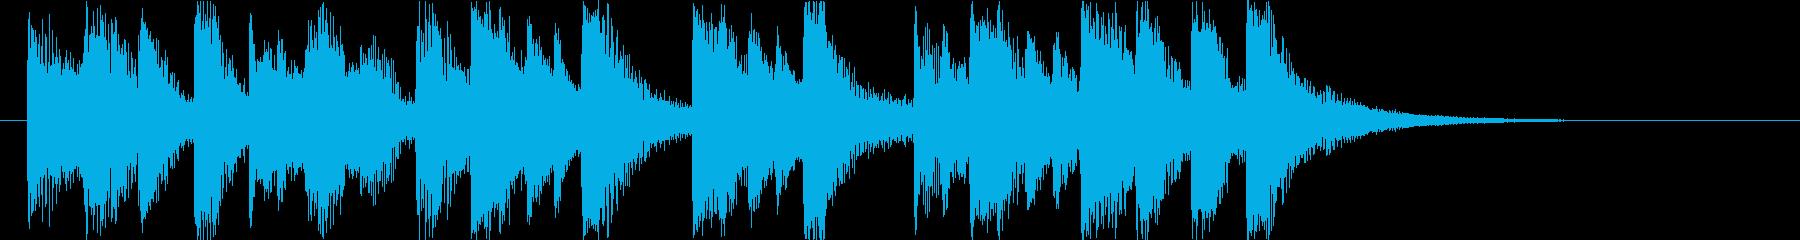 コミカルで楽しいライトなオーケストラロゴの再生済みの波形